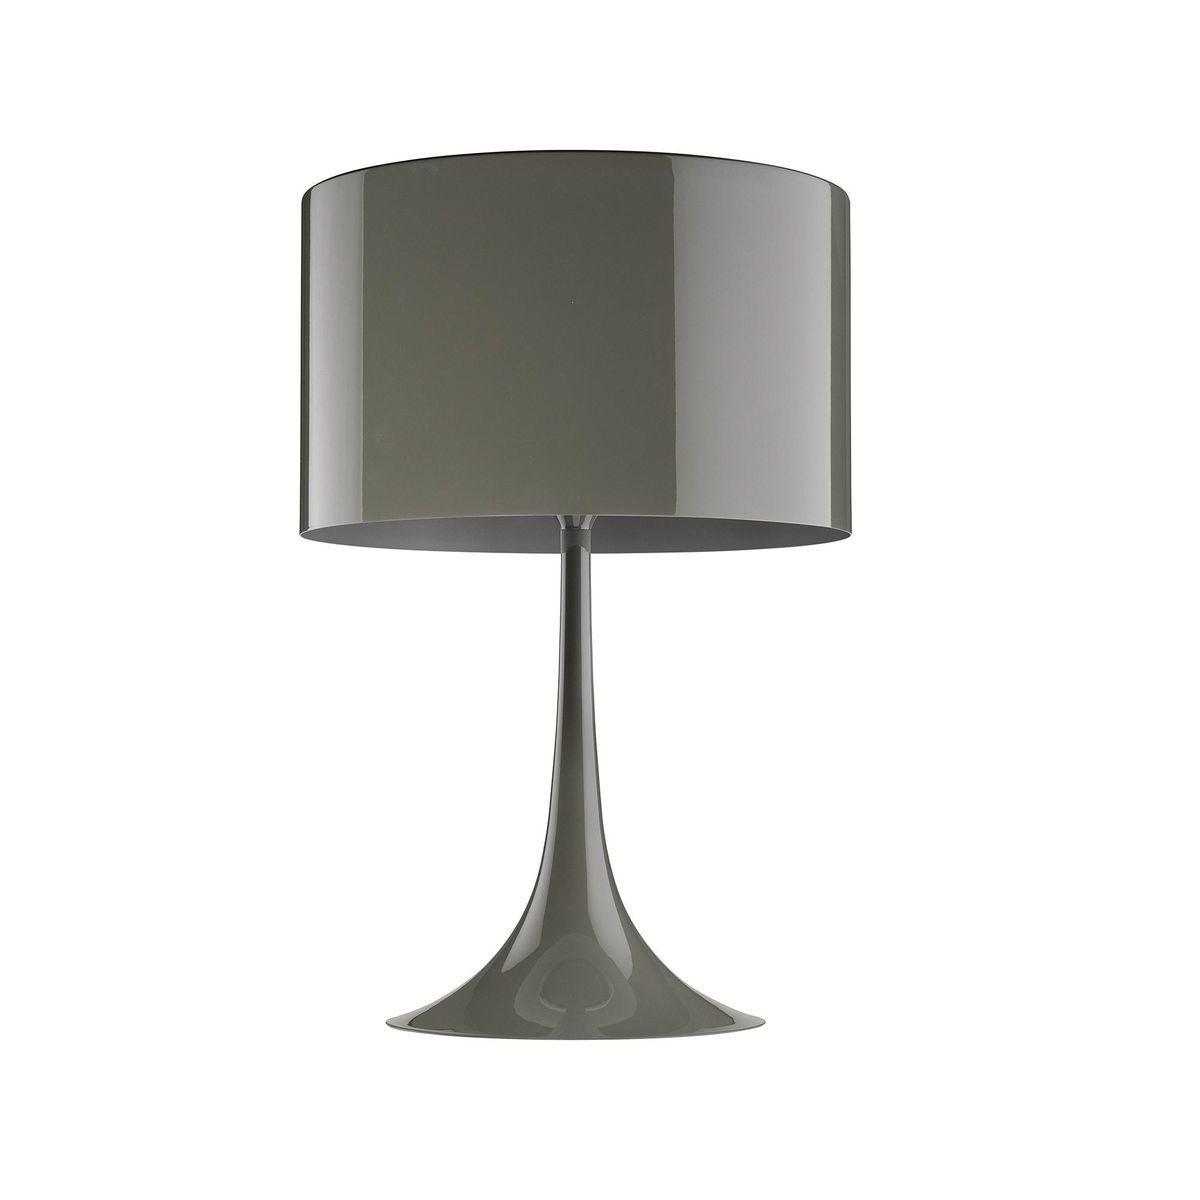 spun light t1 table lamp flos. Black Bedroom Furniture Sets. Home Design Ideas